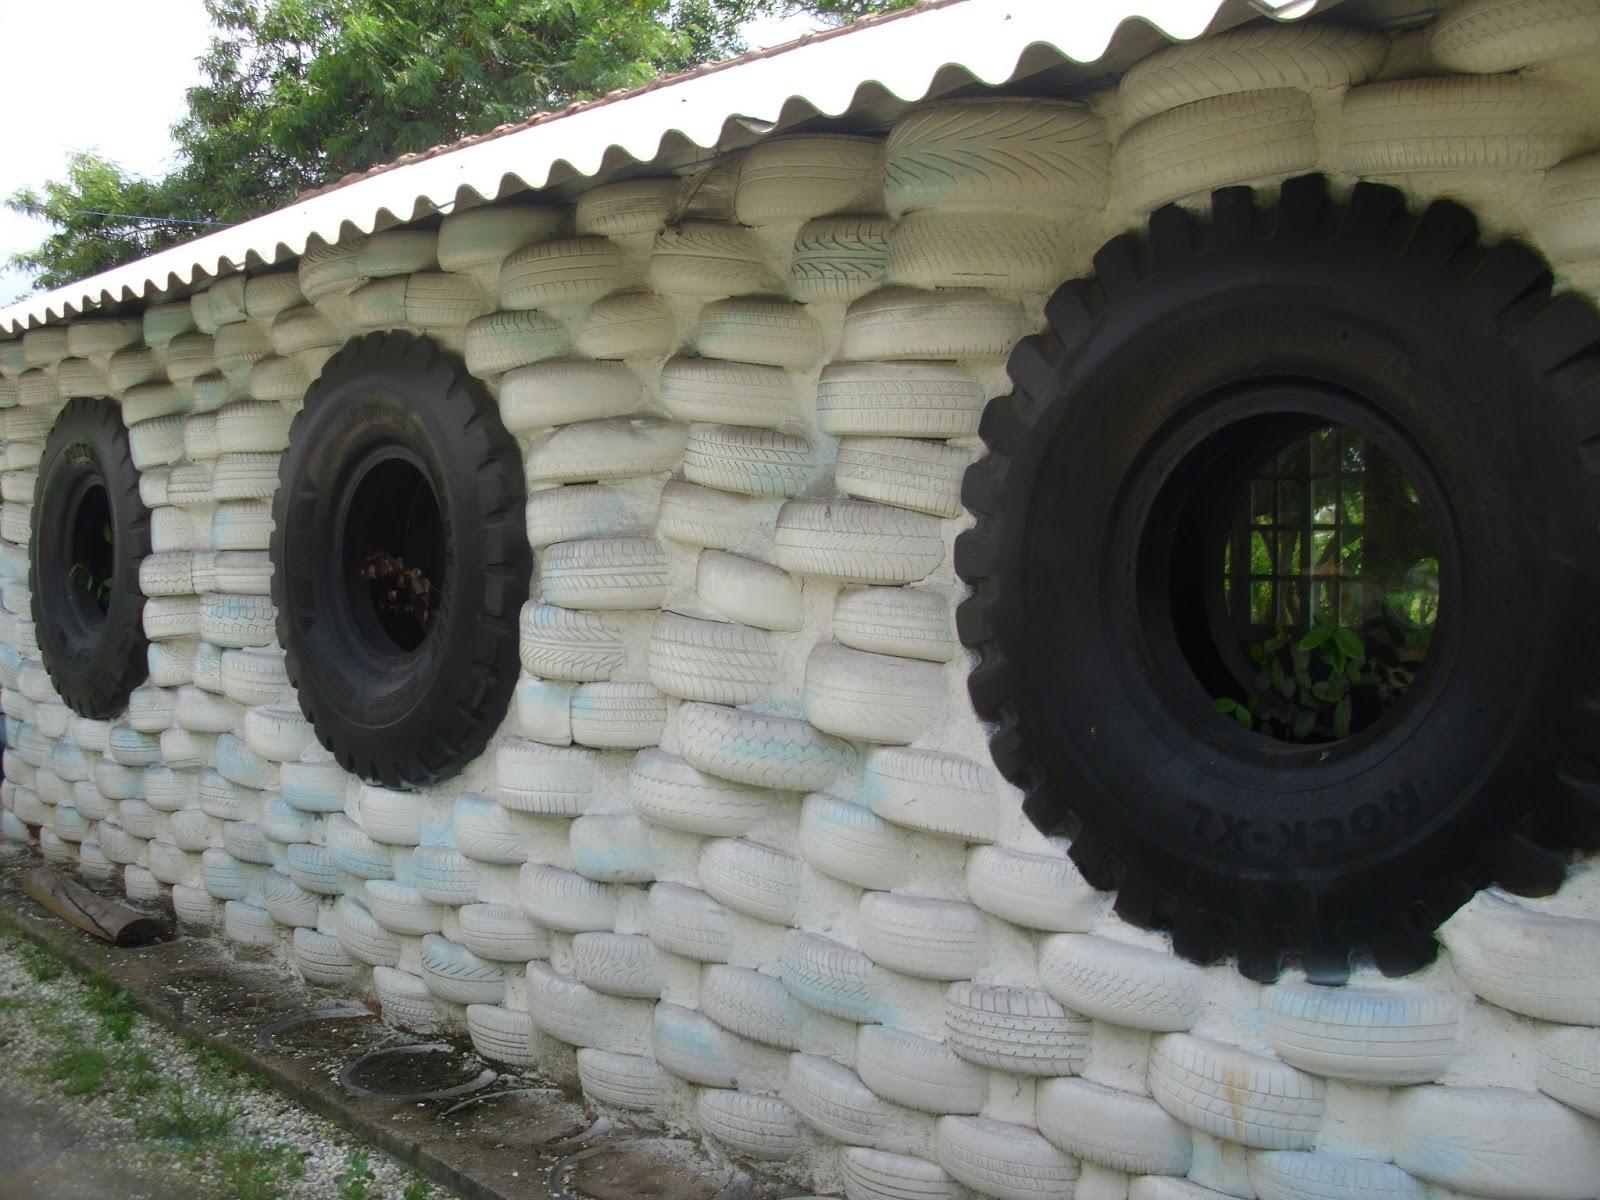 #4C5E3D Carol Daemon: A horta urbana da Pedro Américo no Catete RJ 1600x1200 px Projeto De Cozinha Comunitária #2853 imagens